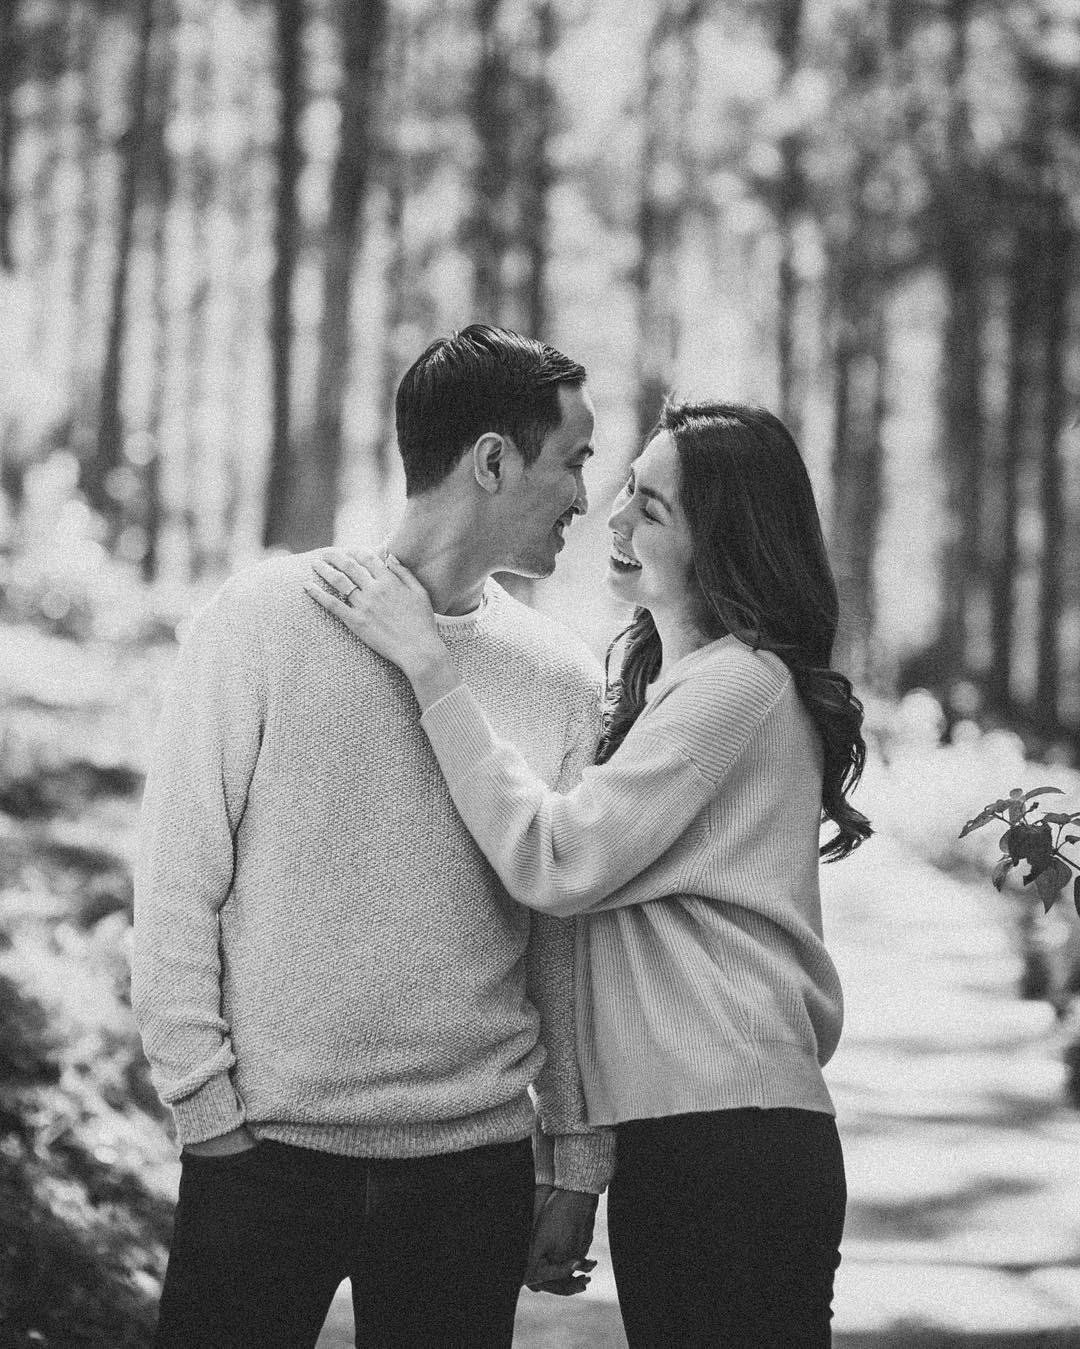 261521177347506300613728473527457721352192n 15416500473311324403602 - Tăng Thanh Hà chia sẻ bí quyết giữ hôn nhân cân bằng cuộc sống